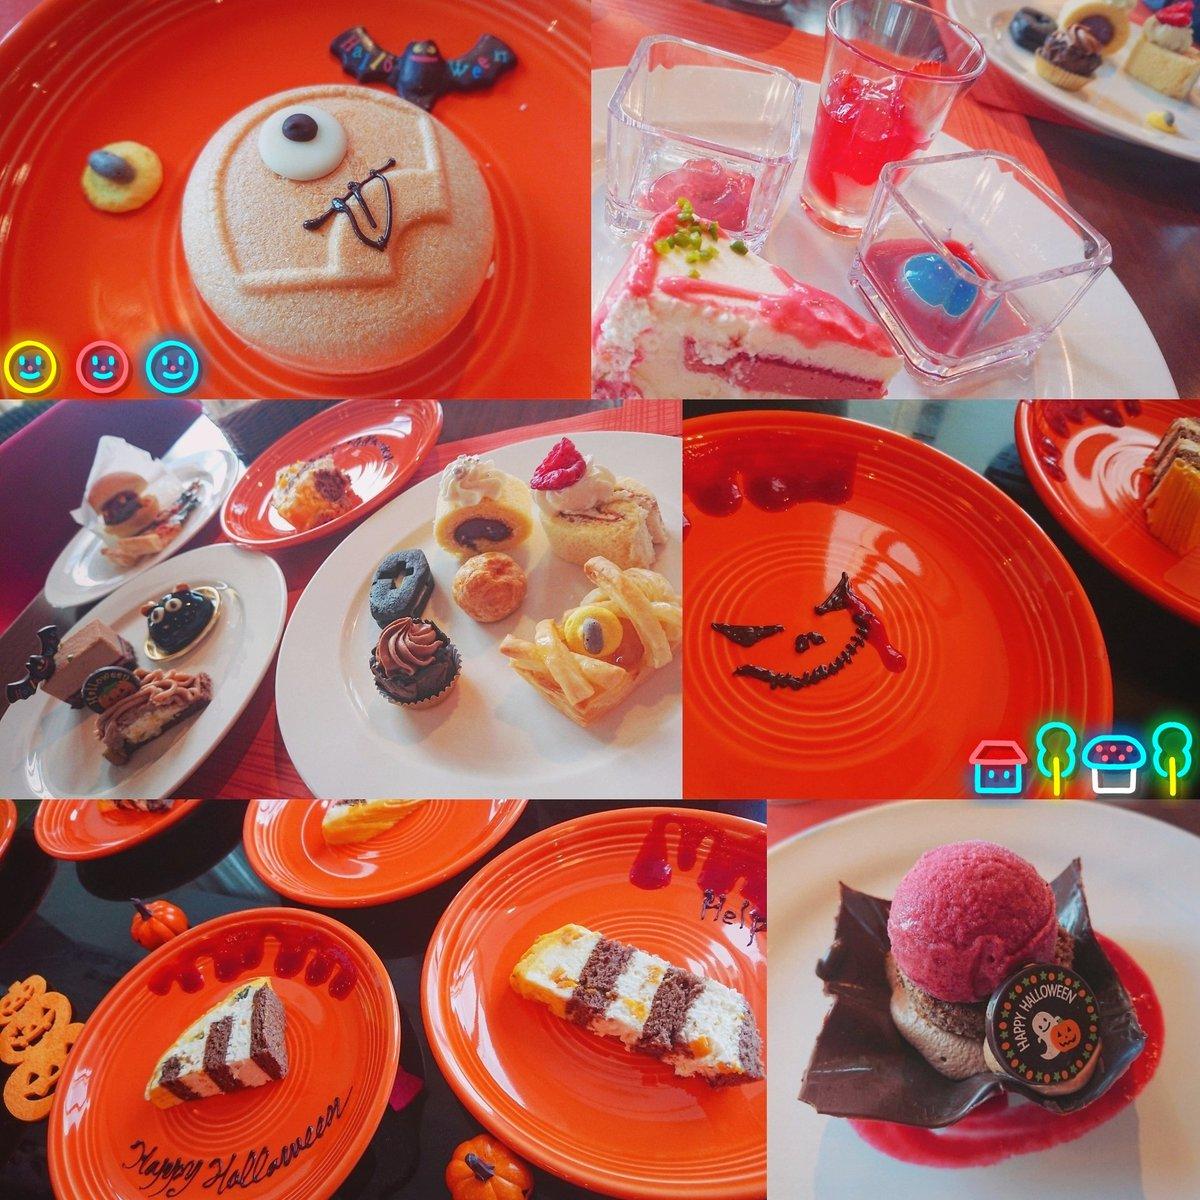 test ツイッターメディア - 今日はシェラトン都ホテル大阪のトップオブミヤコで『👻Halloween buffet🎃』 飾りも雰囲気も可愛すぎた💋💗 何より種類が多い🍴 全種類食べれんかった…無念😇 まぁいっぱい食べれたし満足🌿 とりあえず幸せやった!! https://t.co/T9k4LkLobL